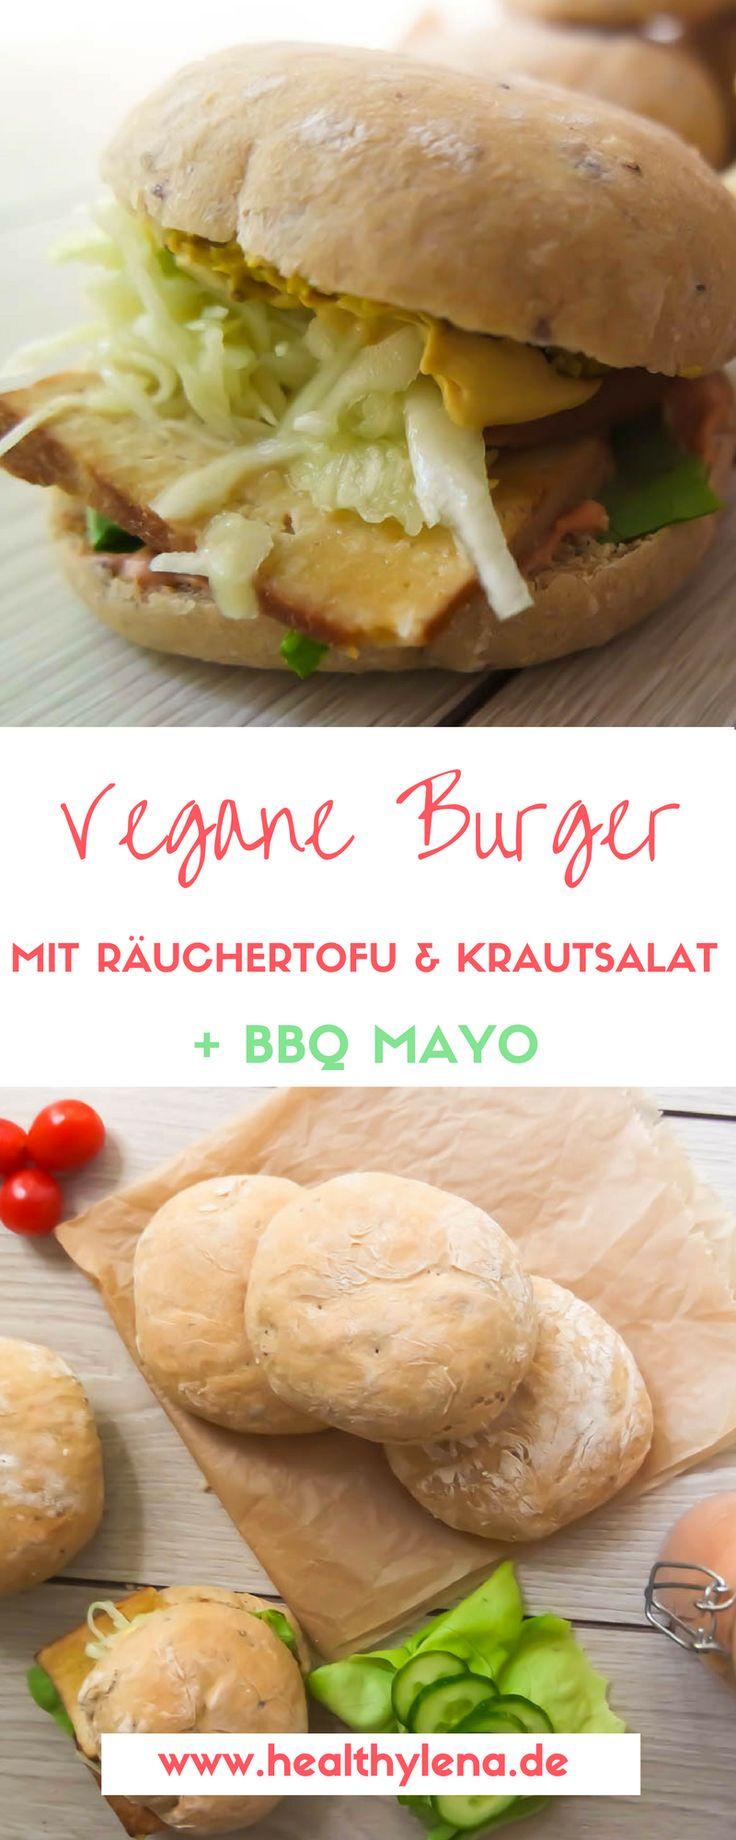 Nachdem ich dir letzte Woche schon ein Rezept für vegane Burgerbrötchen präsentiert habe, geht es nun weiter mit einem veganen Burger mit Räuchertofu, Krautsalat und Barbecue Mayo, der sich perfekt zum Grillen eignet. Er ist schnell gemacht und hat tatsächlich auch schon Nicht-Veganern gut gemundet. Auf Wunsch auch ohne Soja!